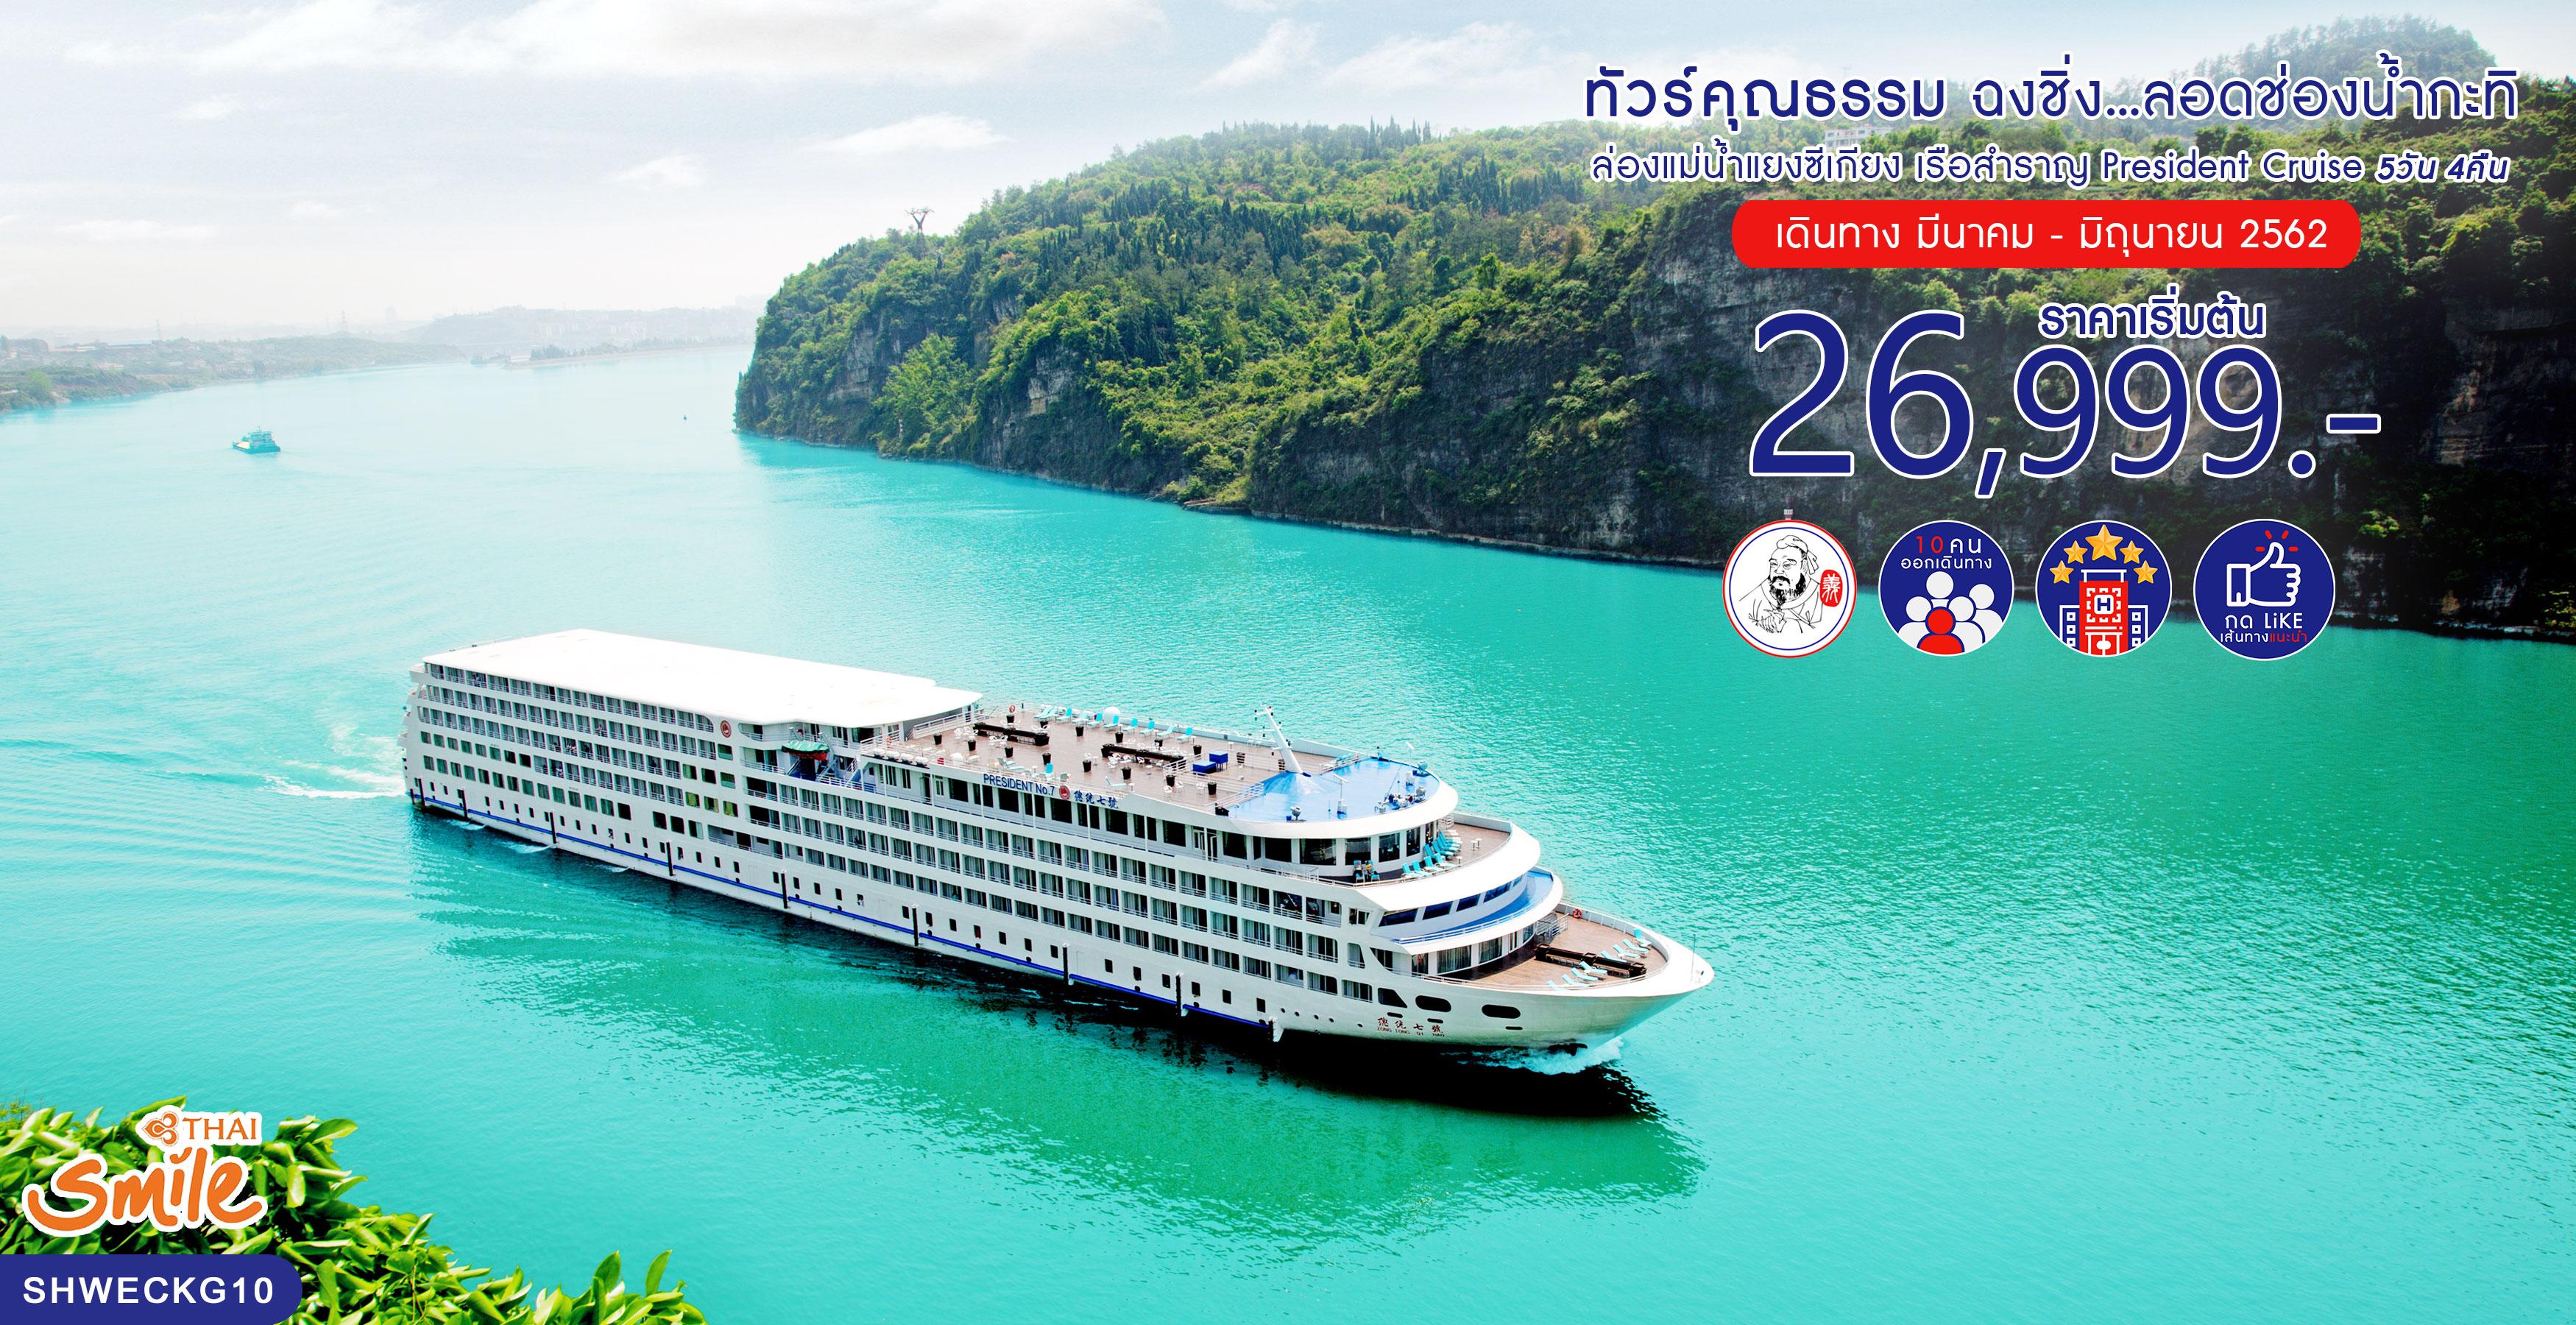 ทัวร์จีน ทัวร์คุณธรรม ทัวร์ฉงชิ่ง...ลอดช่องน้ำกะทิ ล่องแม่น้ำแยงซีเกียง เรือสำราญ President Cruise 5 วัน 4 คืน (WE)